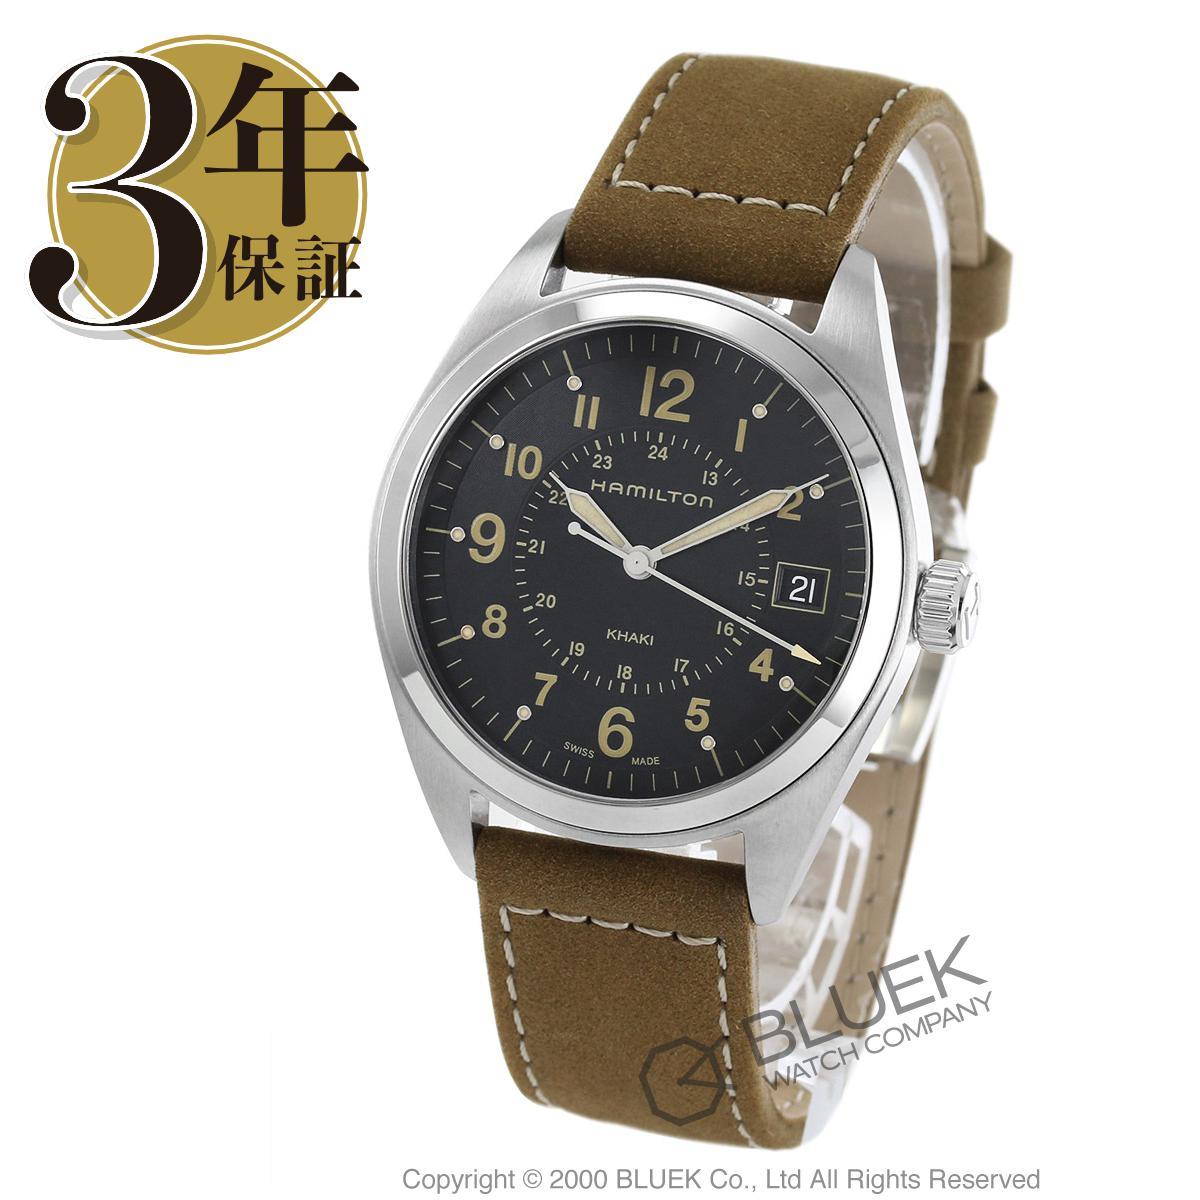 ハミルトン カーキ フィールド 腕時計 メンズ HAMILTON H68551833_8 バーゲン ギフト プレゼント